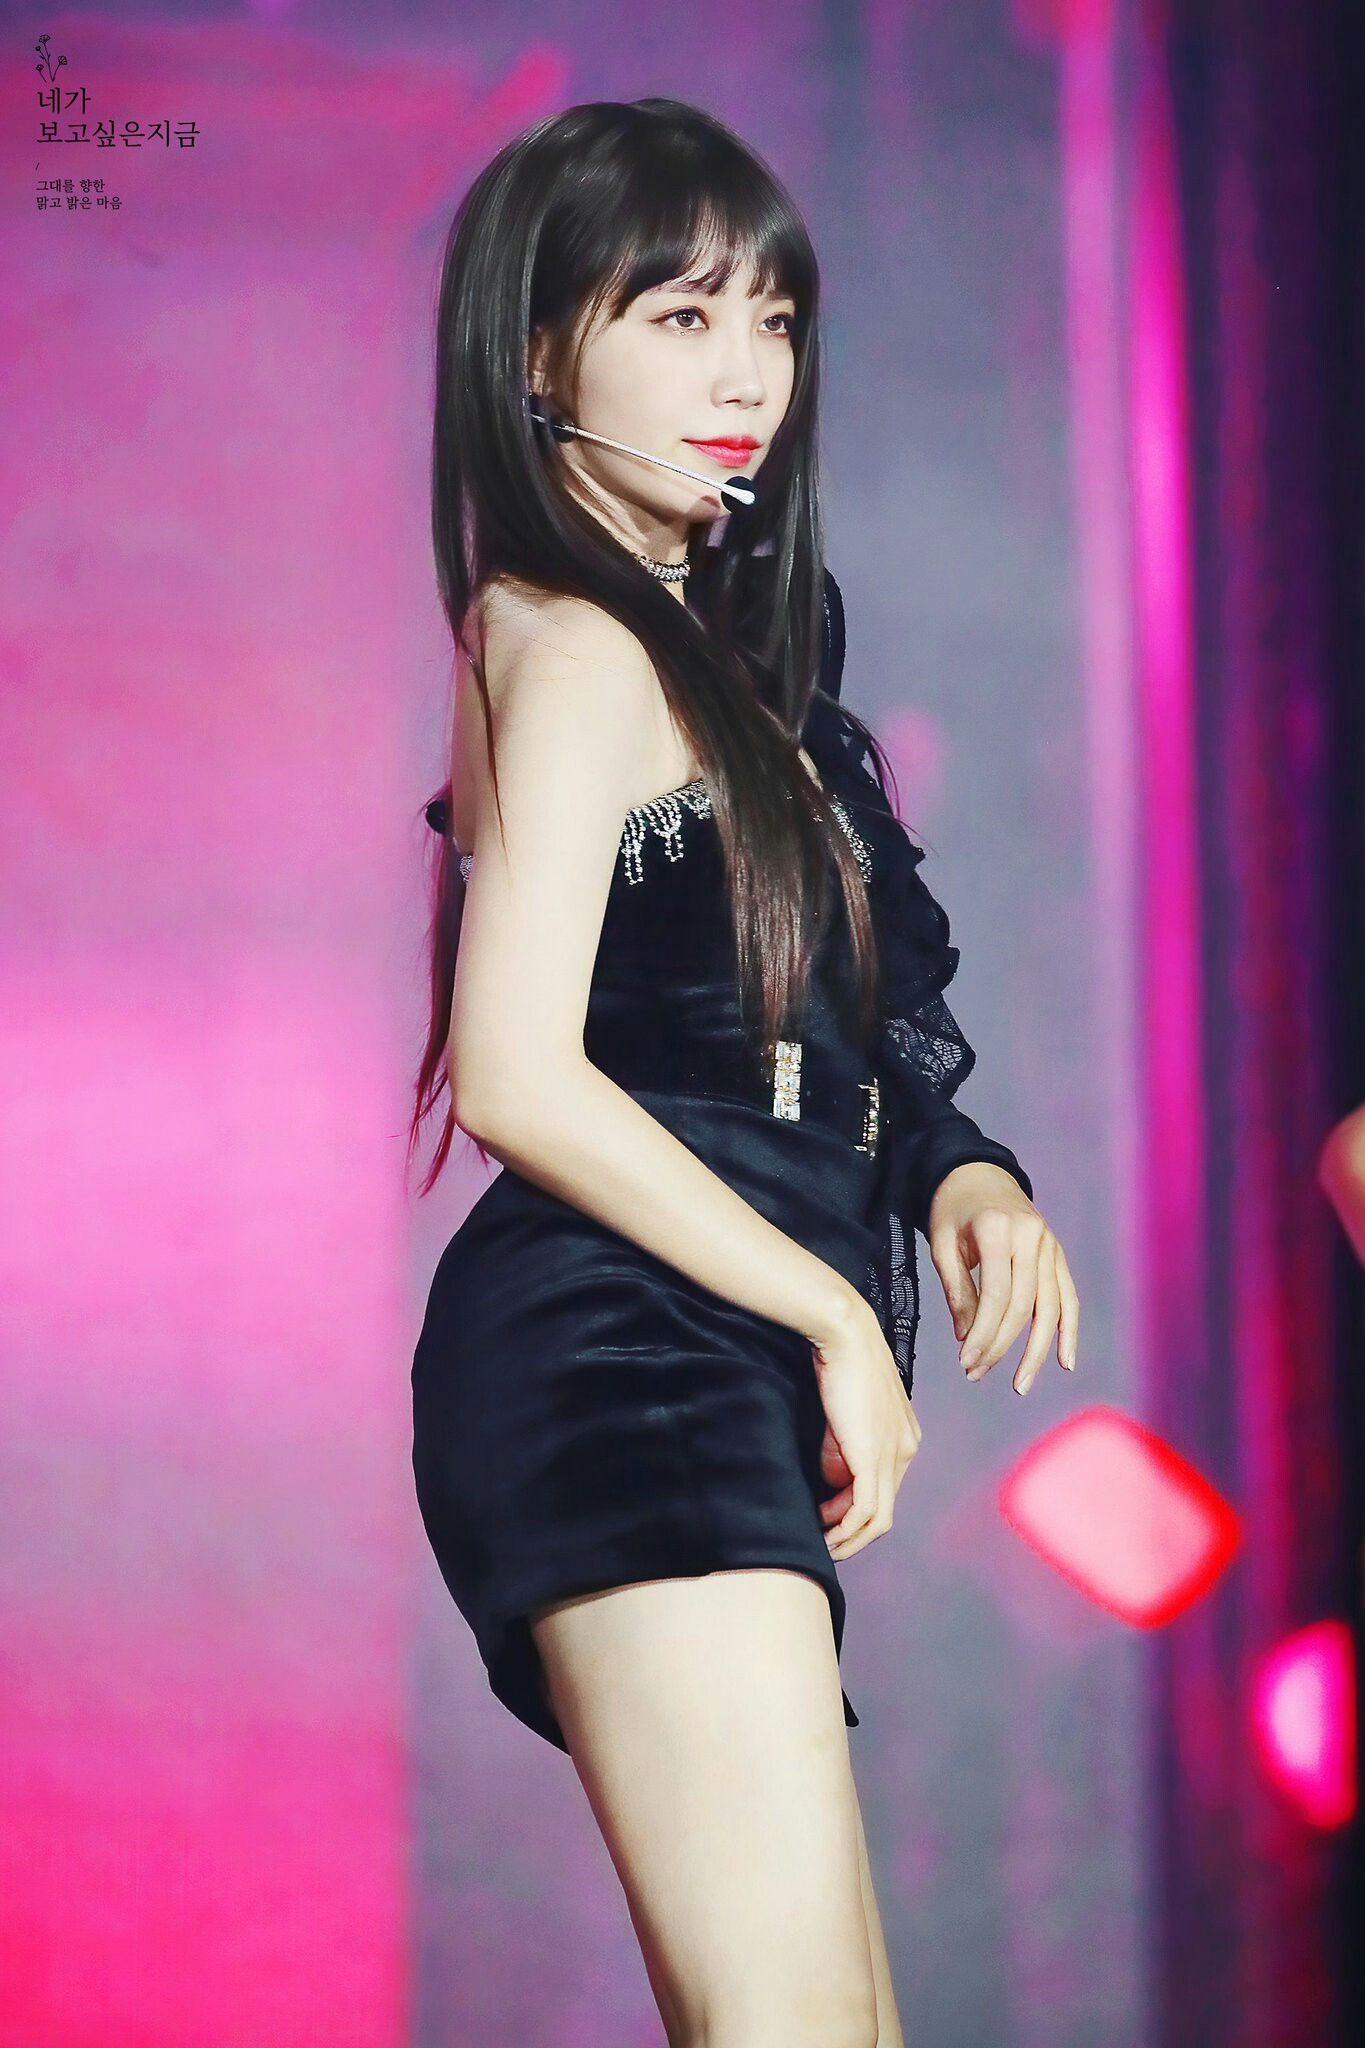 Pin On Jung Eun Ji Of Apink